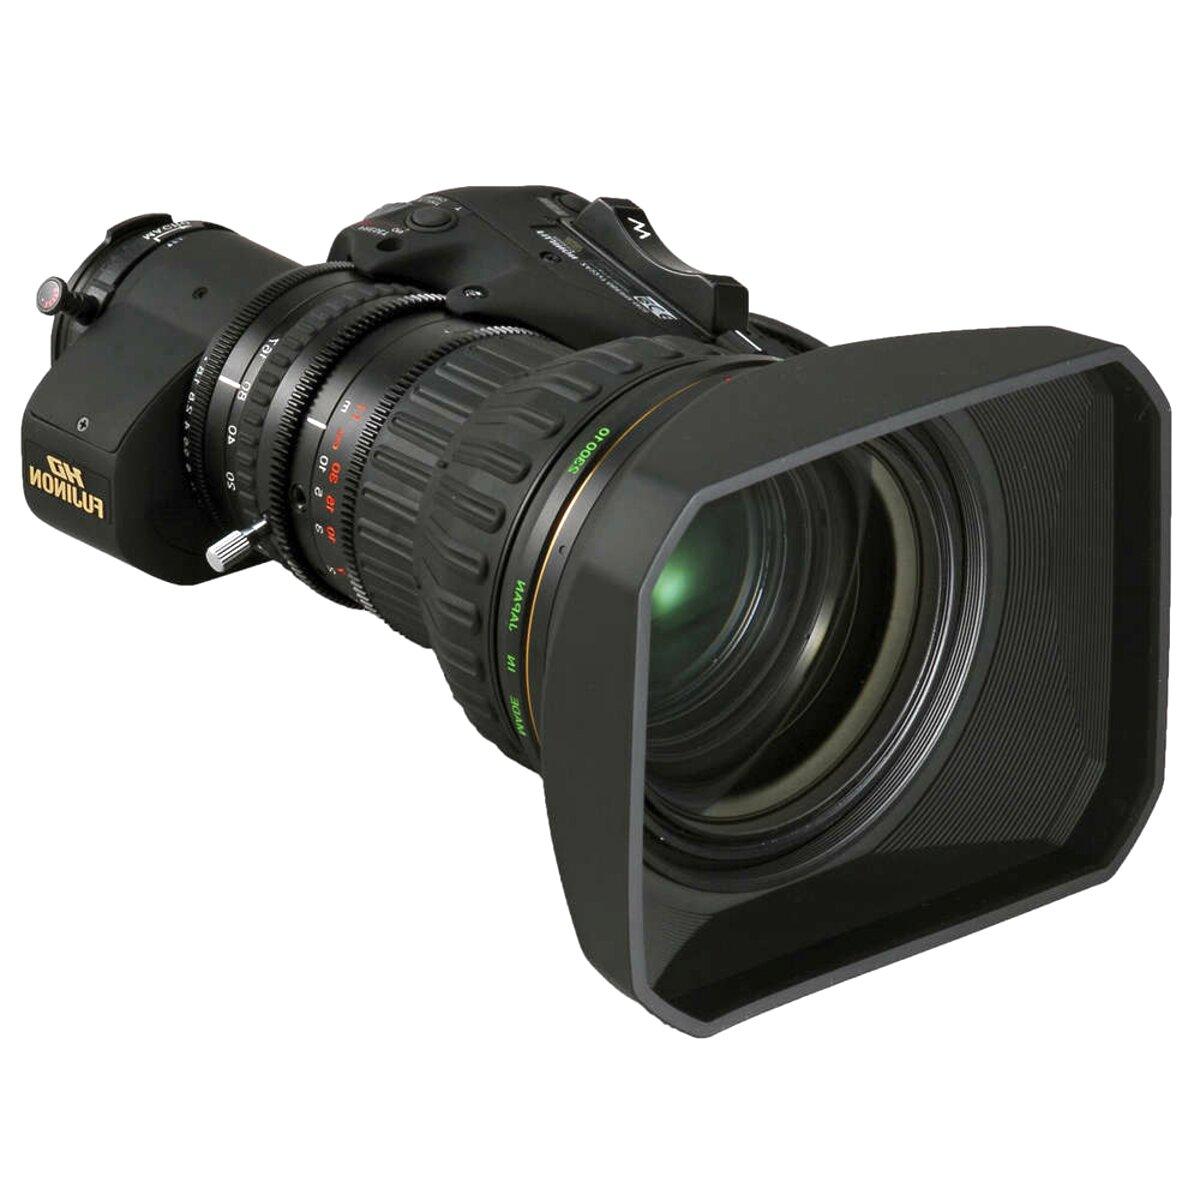 b4 lens for sale